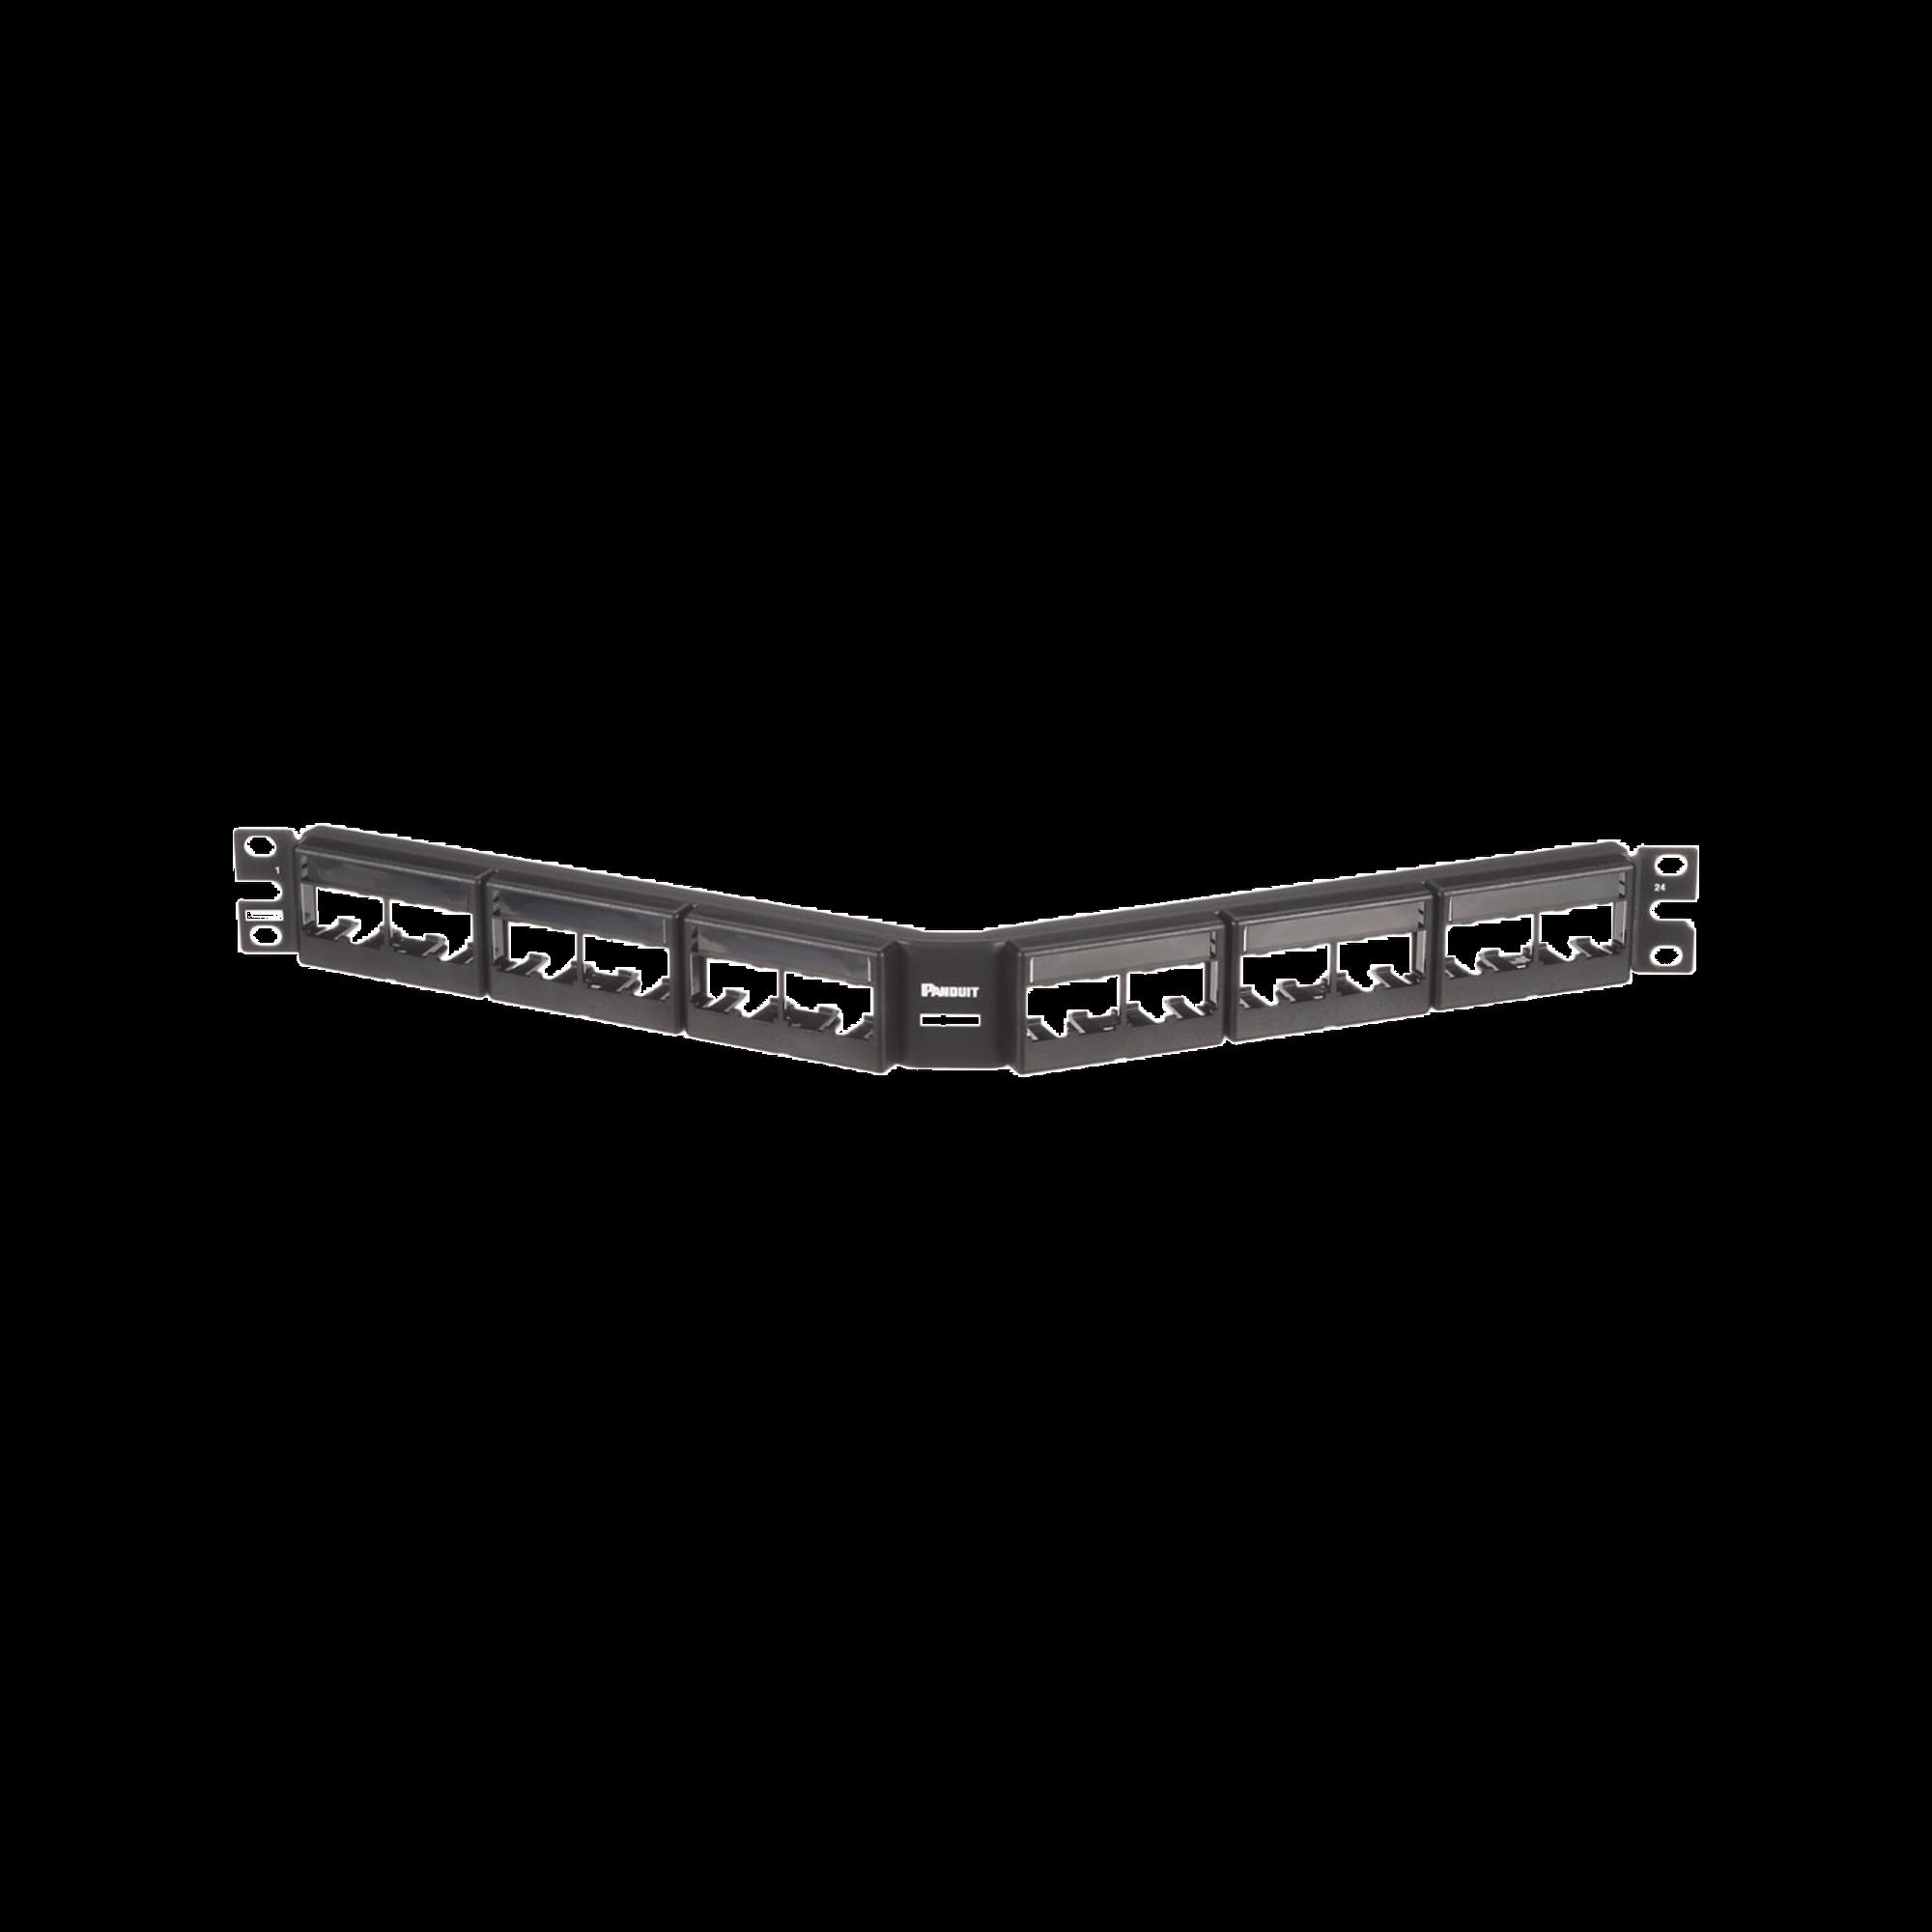 Panel de Parcheo Modular Mini-Com (Sin Conectores), Angulado, Sin Blindaje, Con Etiqueta y Cubierta, de 24 puertos, 1UR